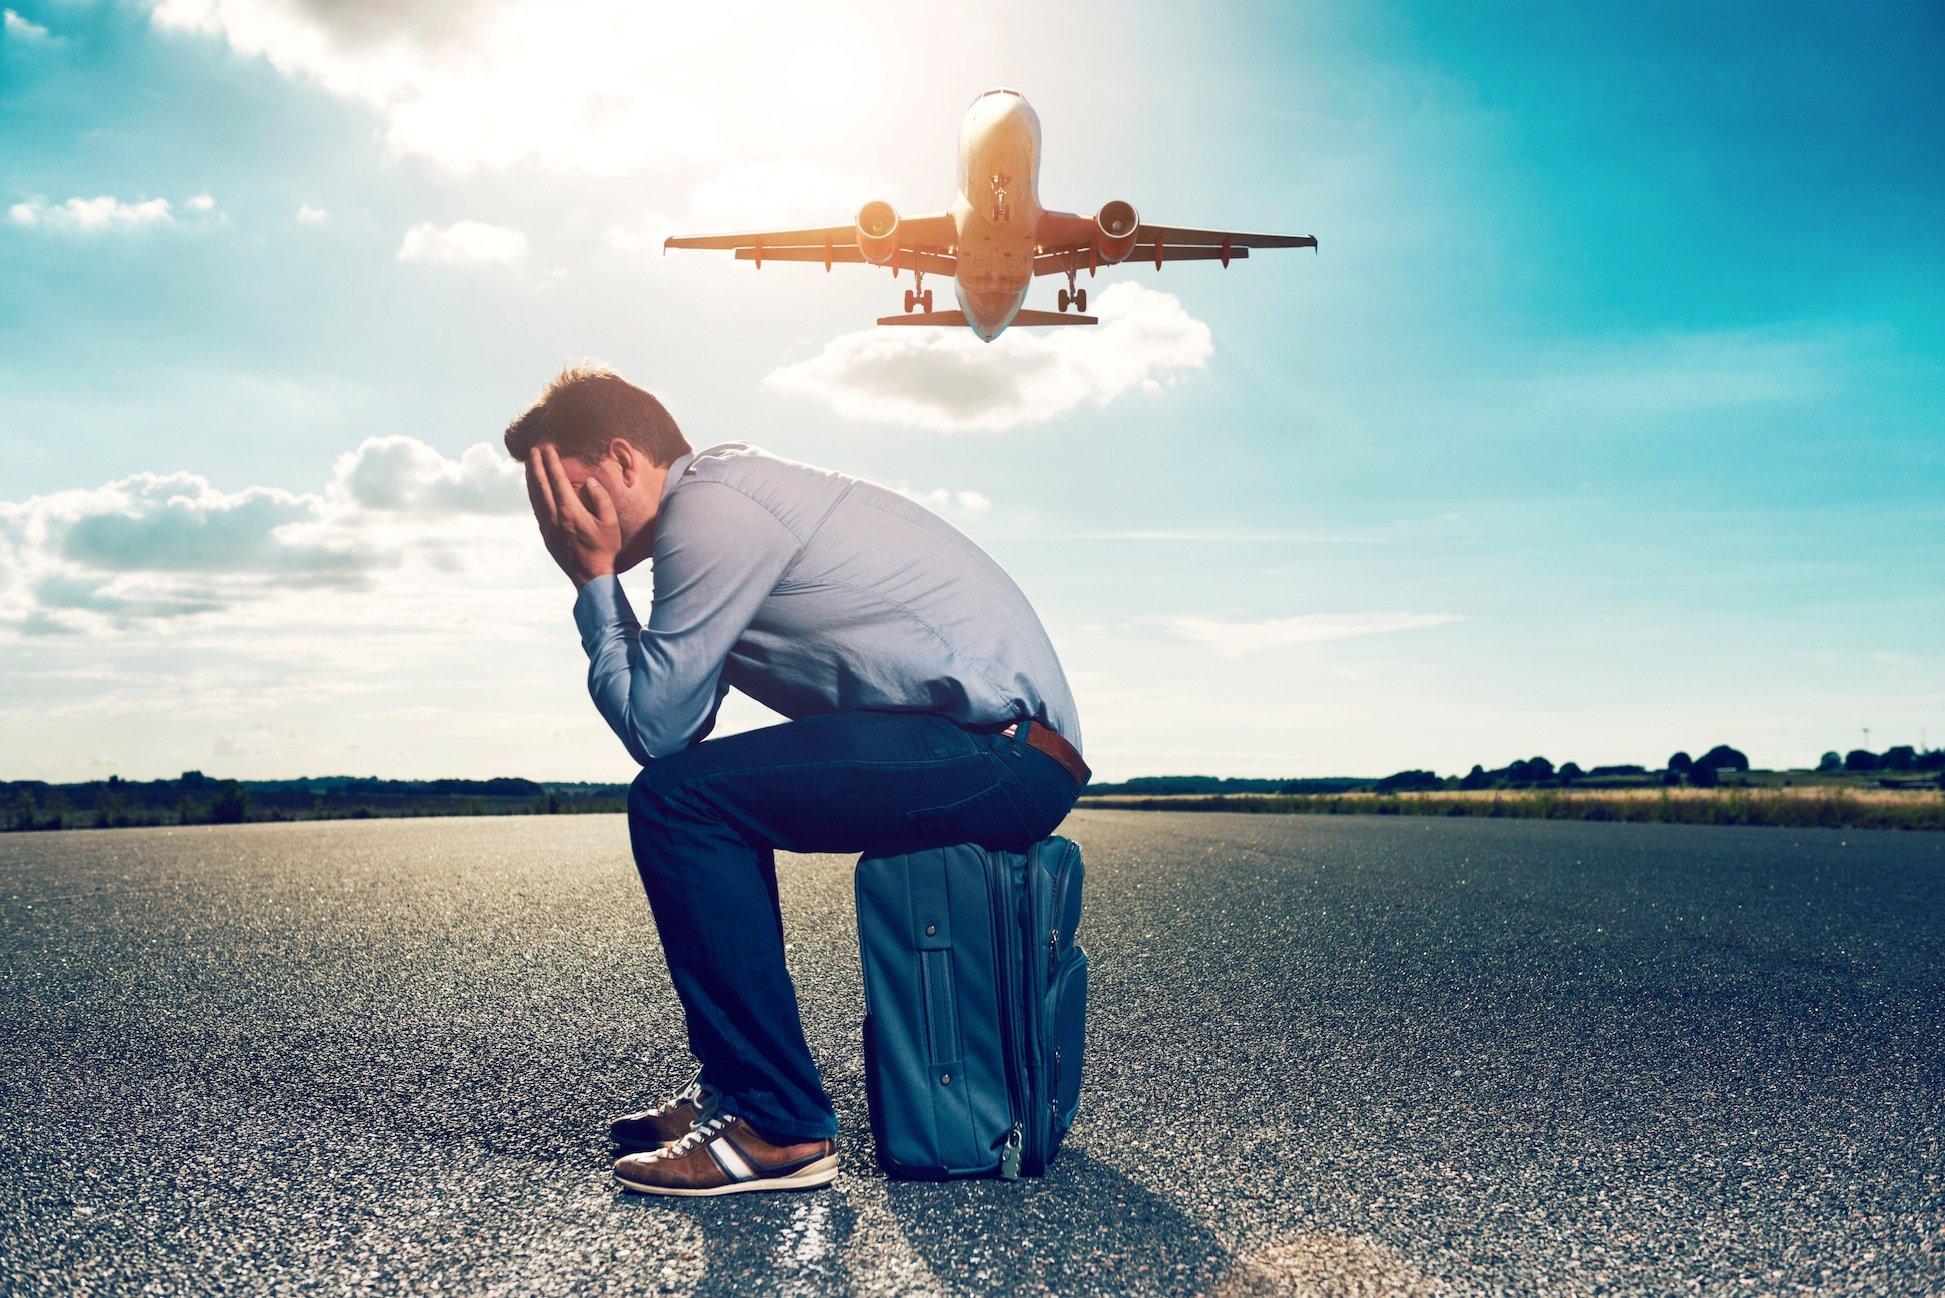 curar miedo a volar con hipnosis